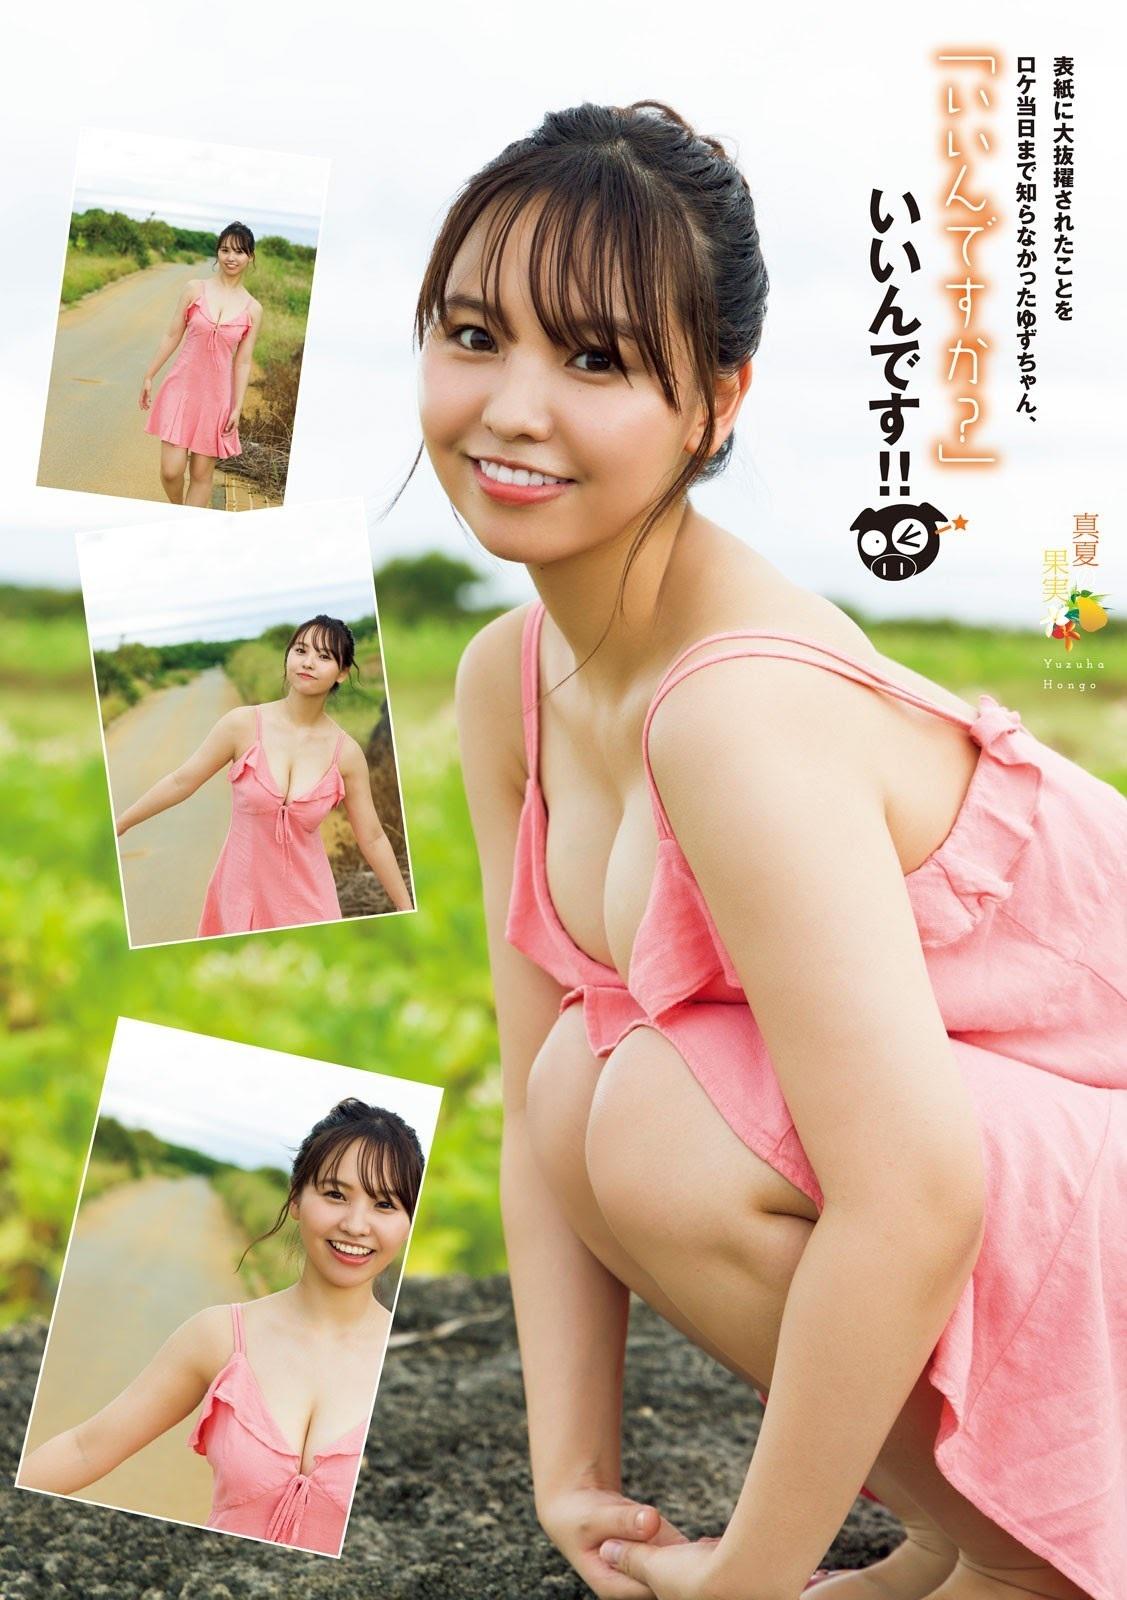 本乡柚巴 大槻りこ-Young Magazine 2021年第三十九期  高清套图 第8张